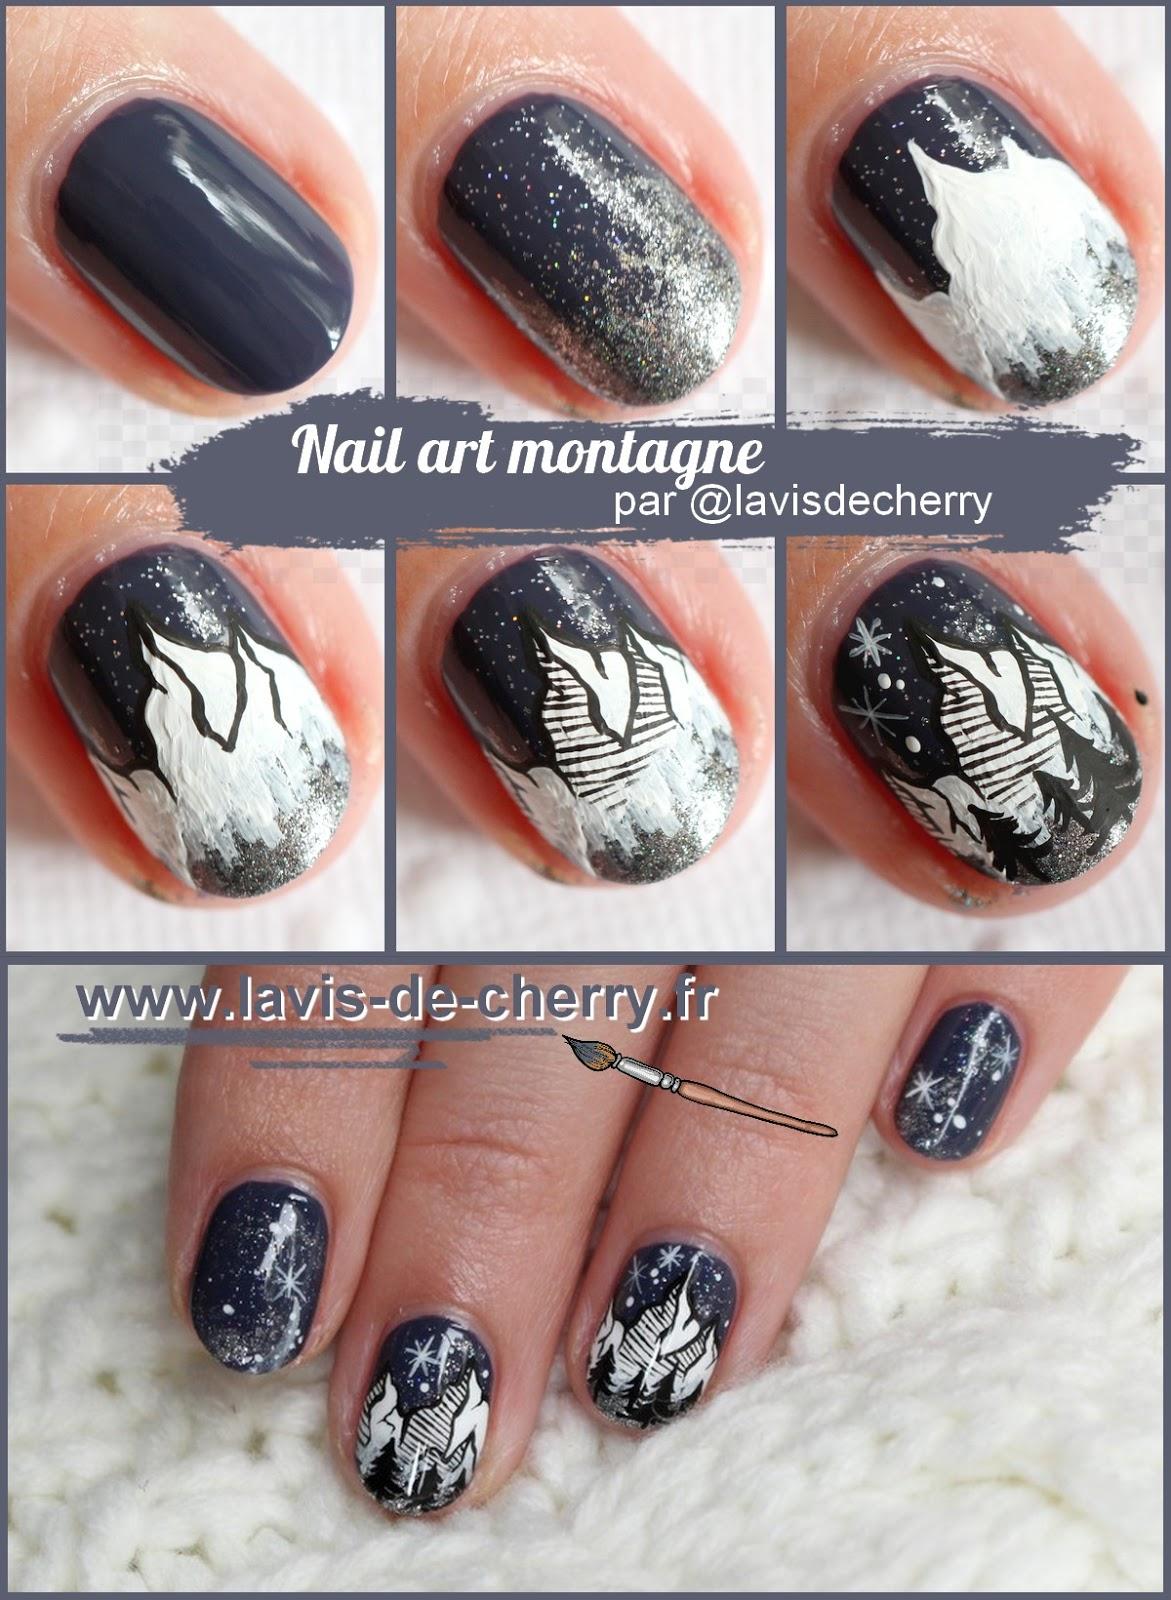 tuto-nail-art-montagne-minimaliste-nuit-étoilée-peinture-acrylique-lavisdecherry